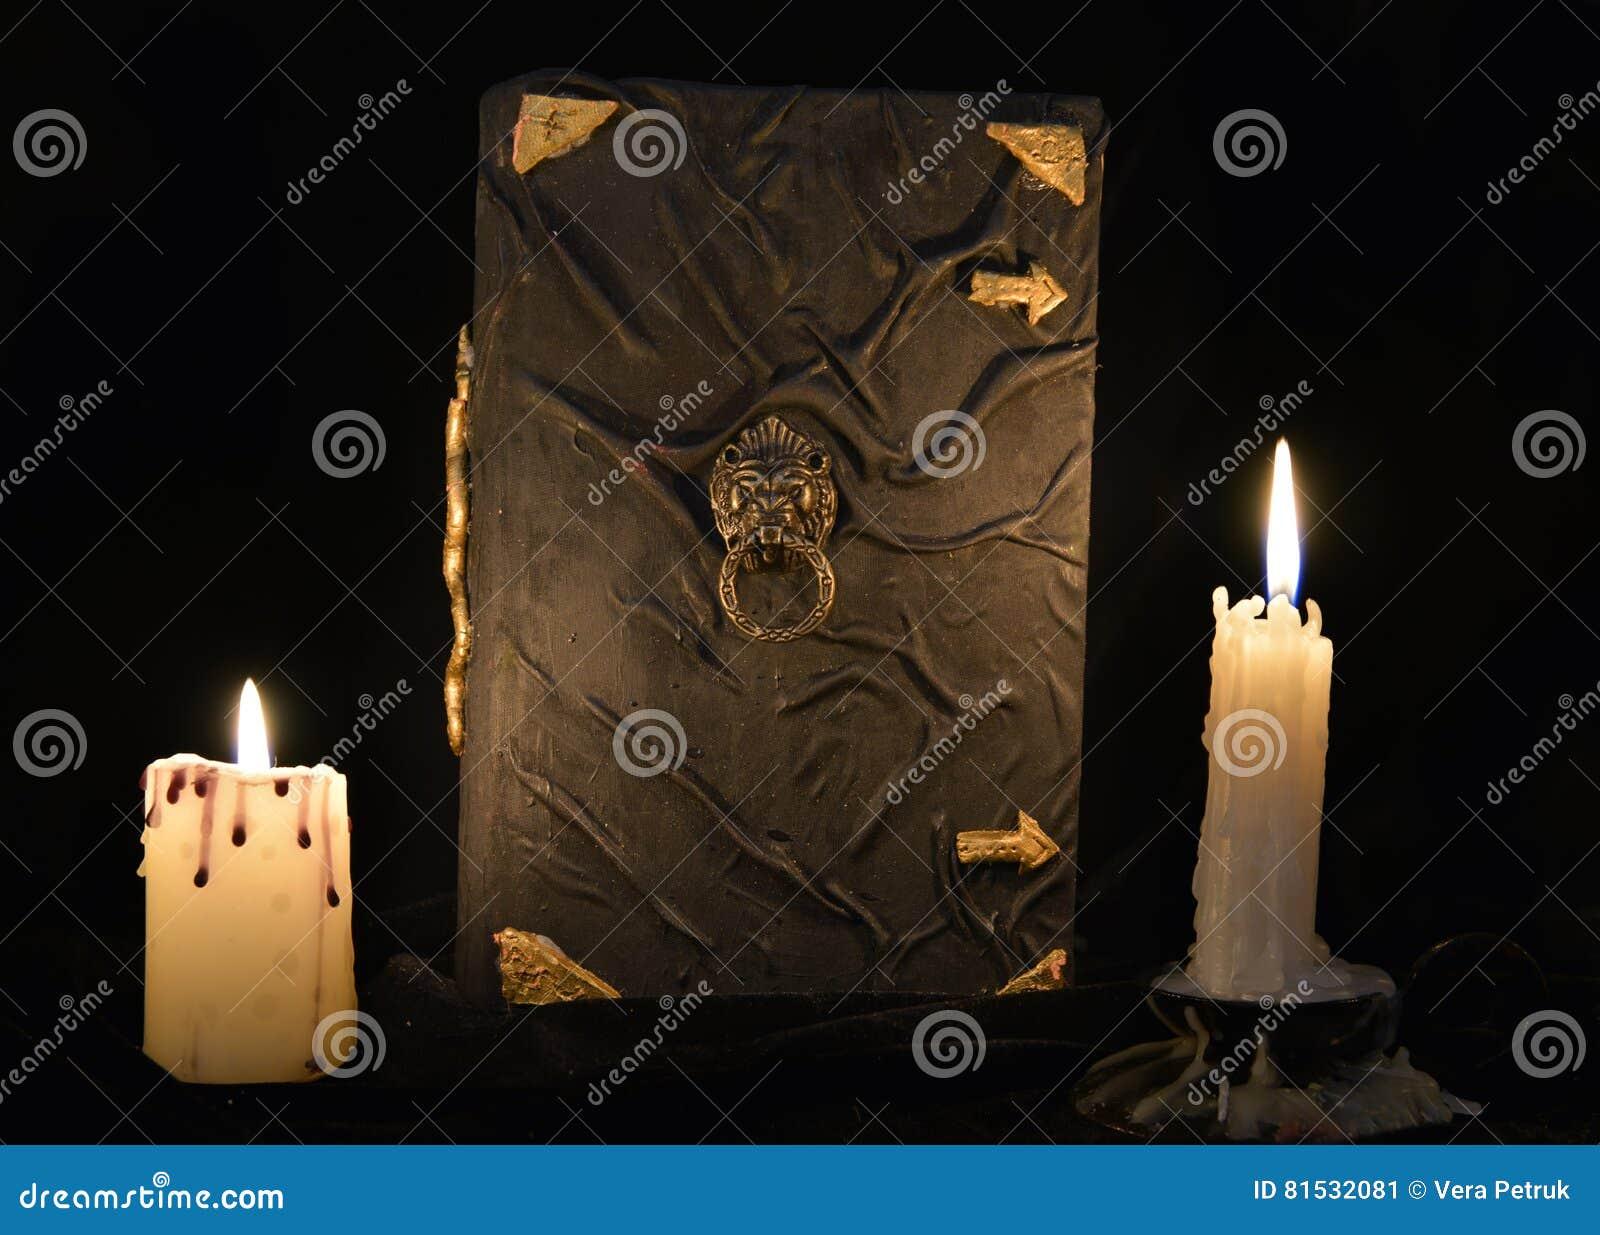 Todavía del místico vida con el libro de la magia negra y dos velas ardientes